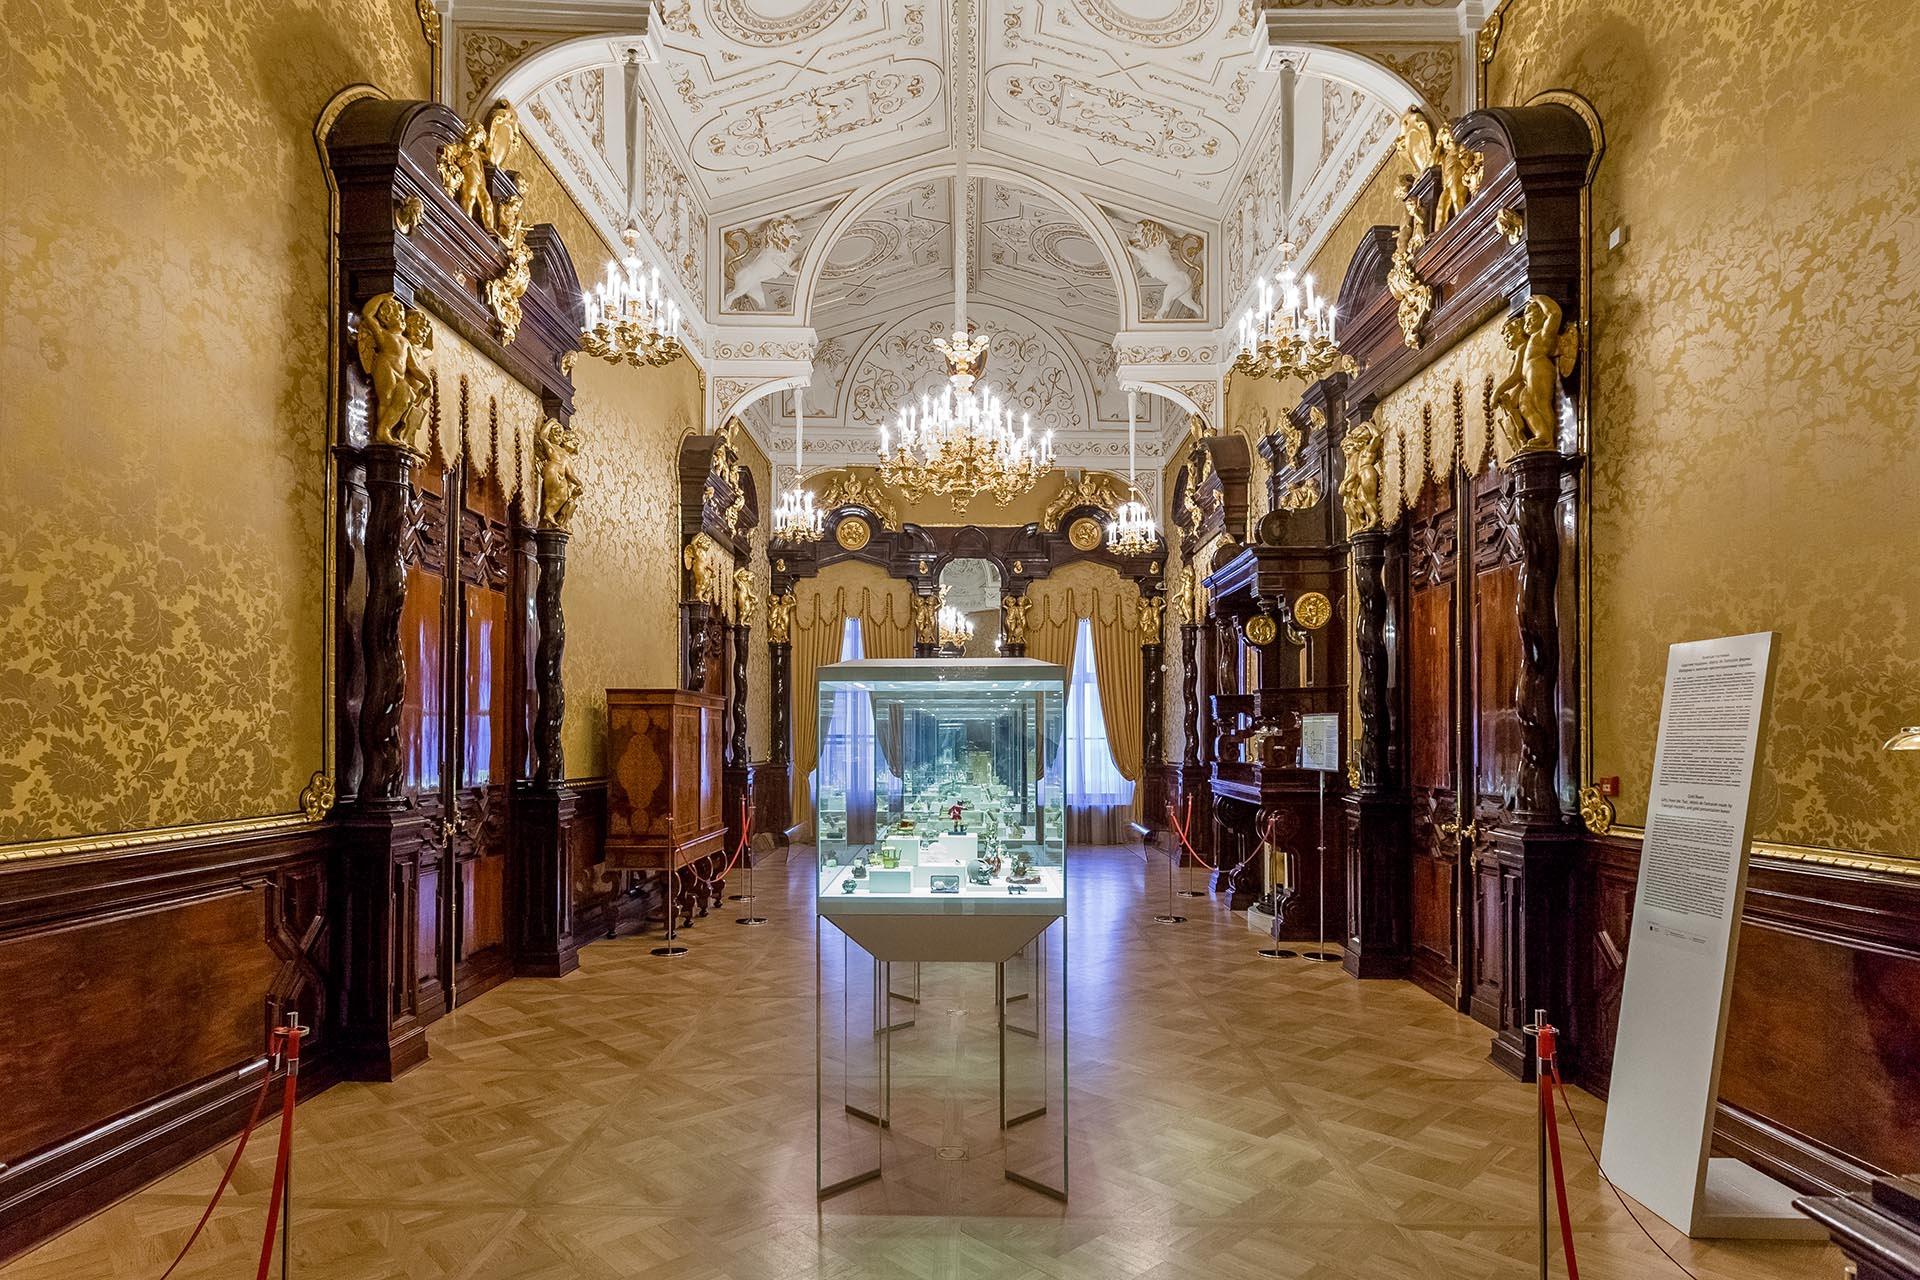 шуваловский дворец фото внутри информации местных жителей